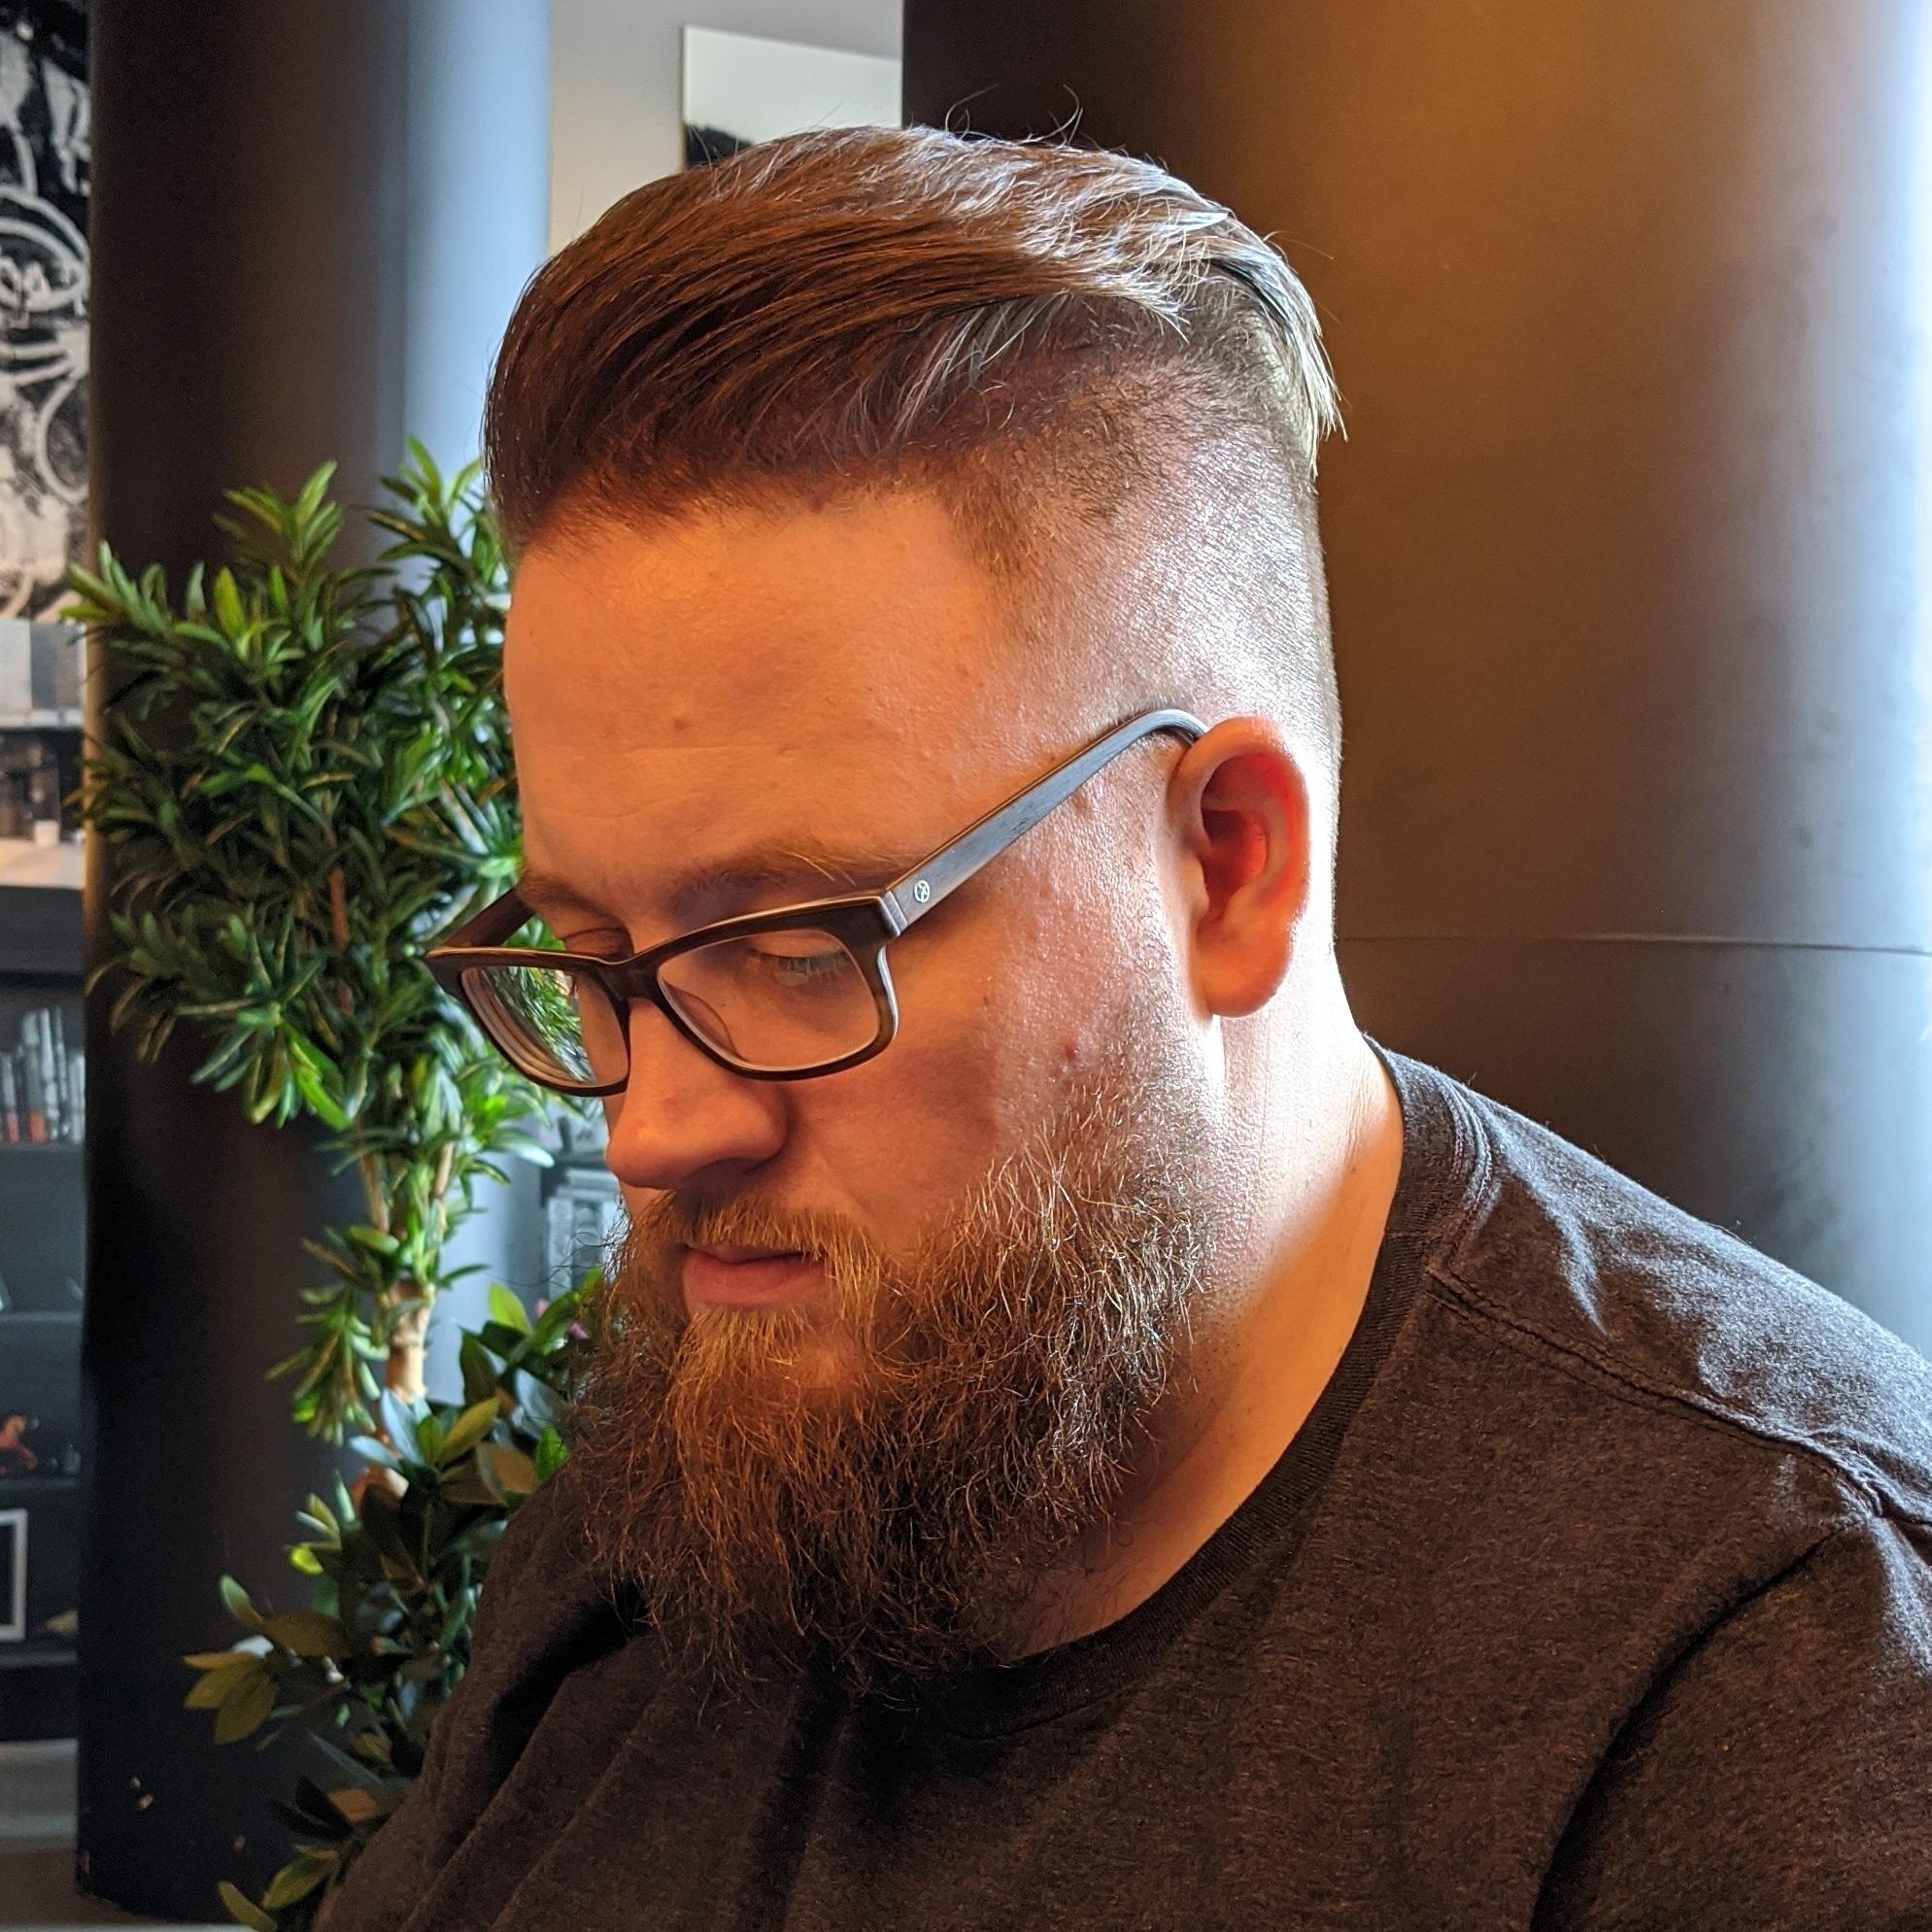 Frisch vom Barbier beim Kaffee trinken